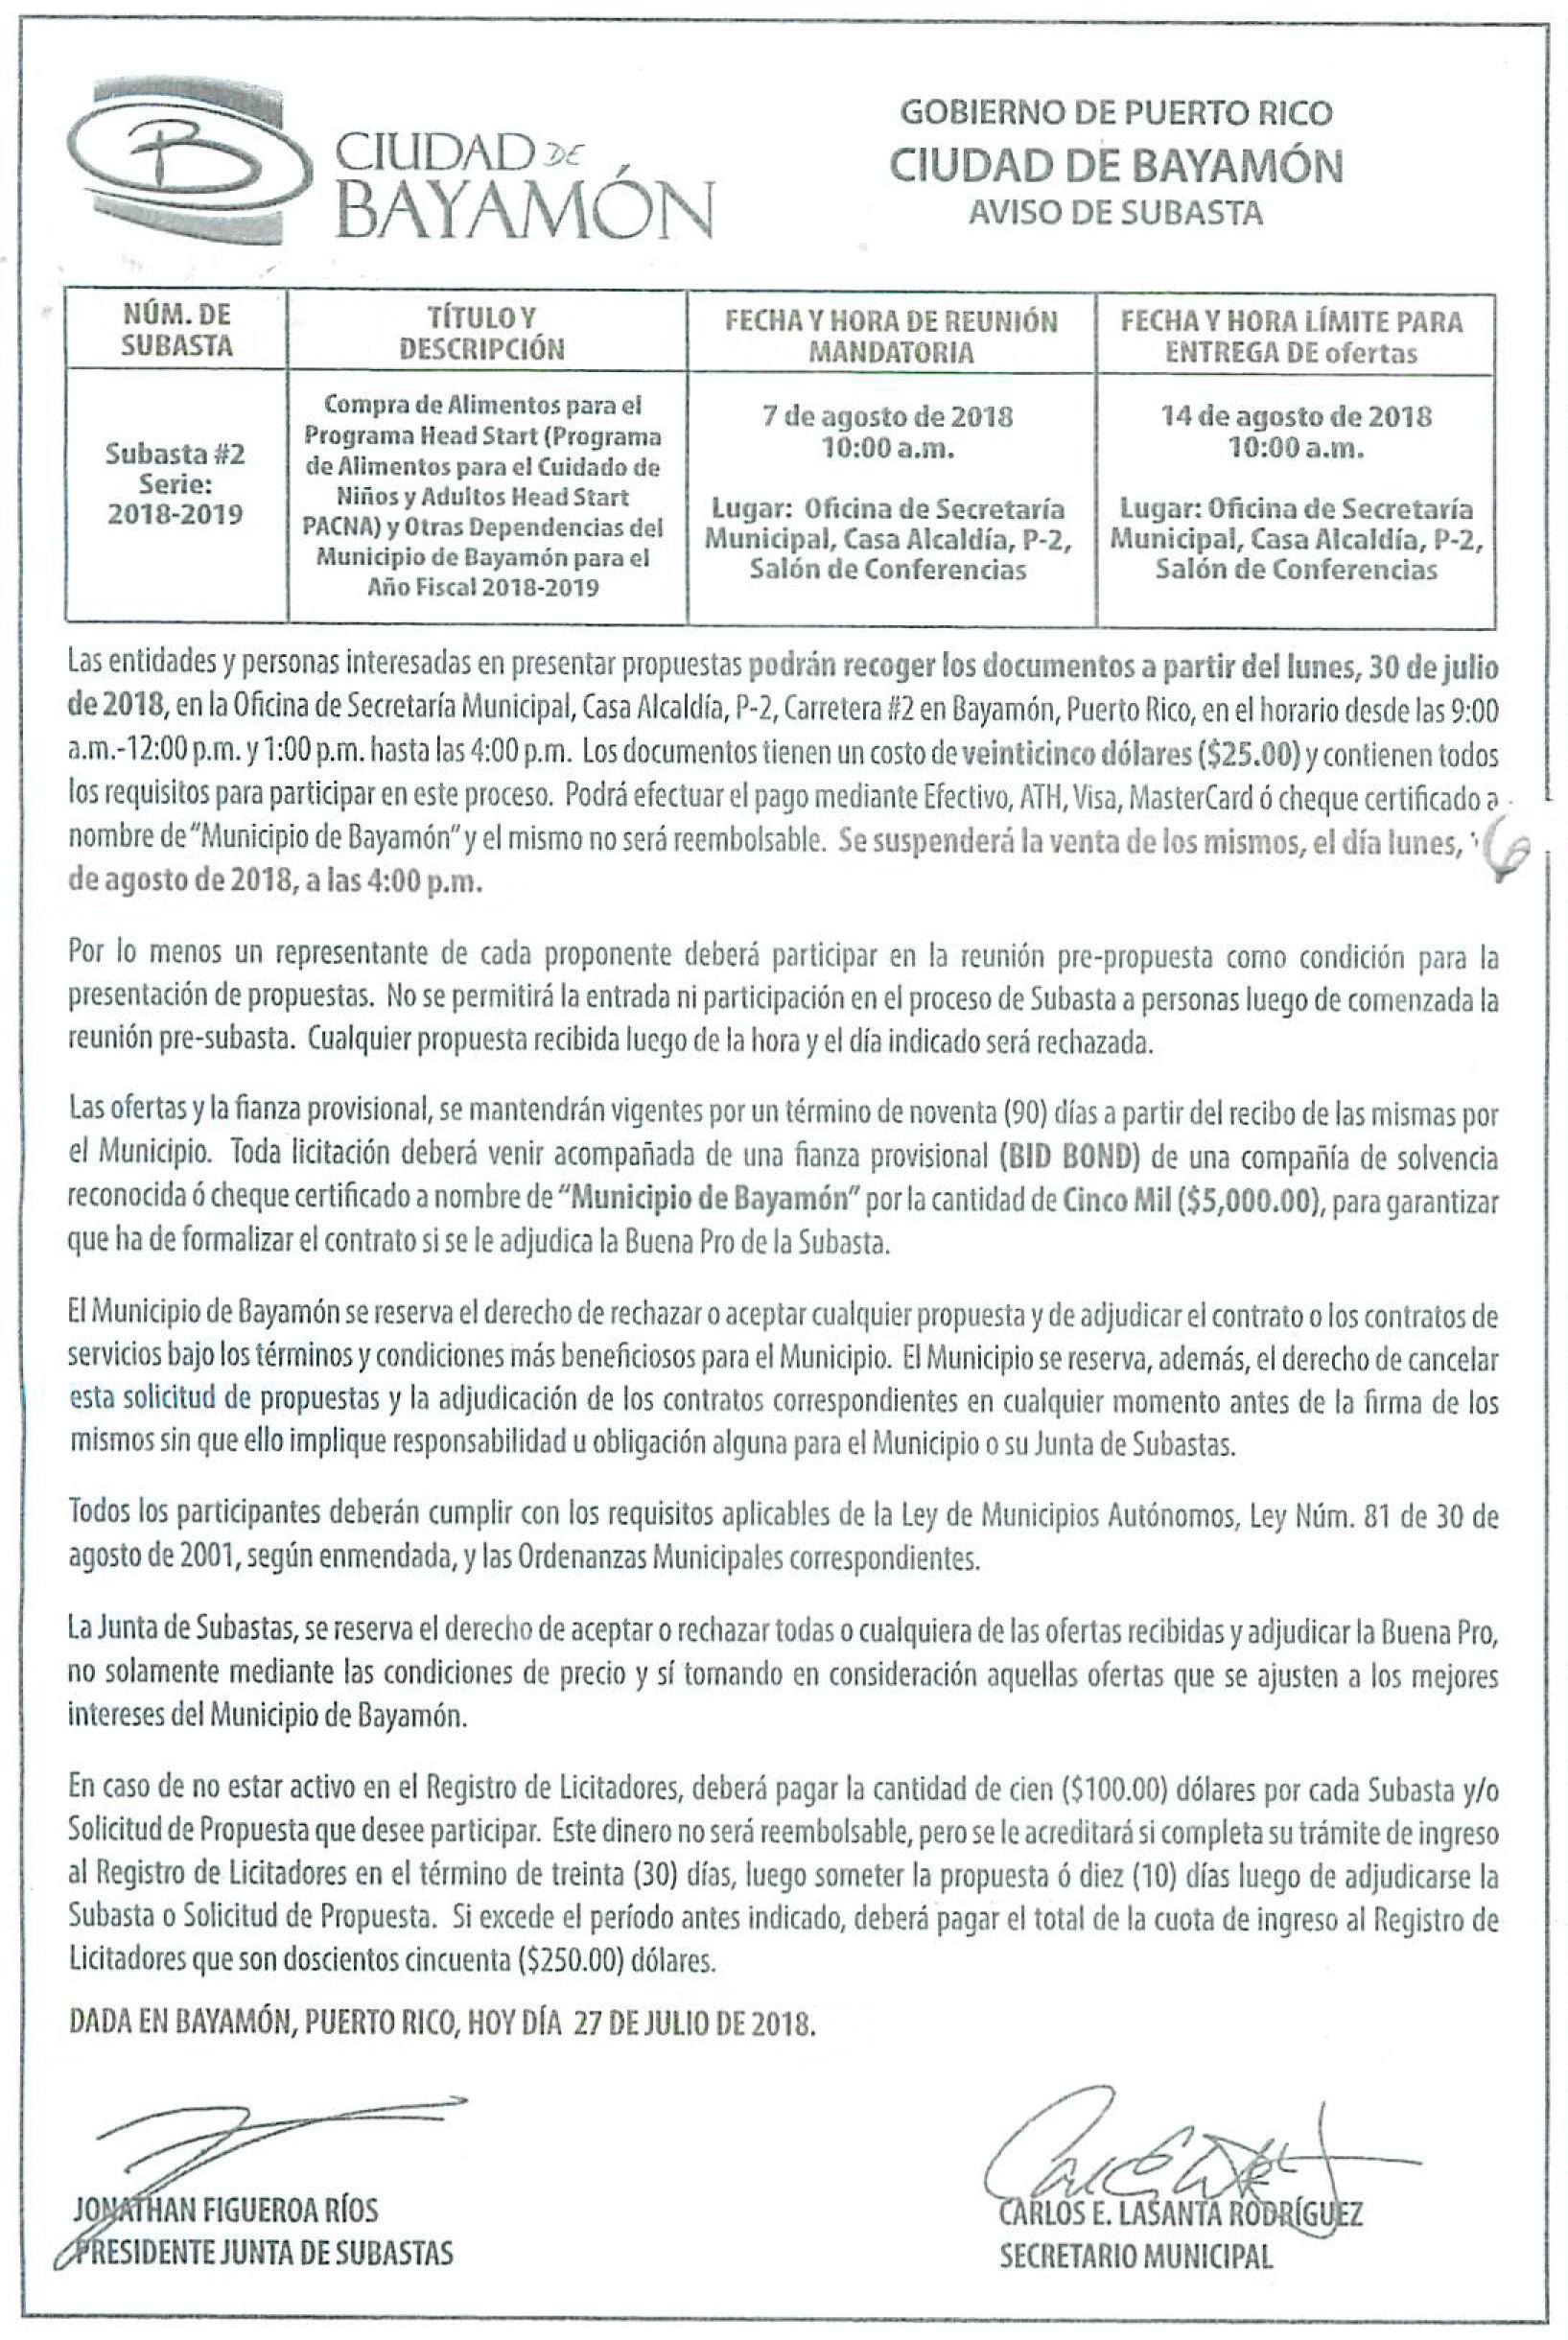 Calendario Liturgico 2019 Chile Para Imprimir Más Recientes Avisos Pºblicos Ciudad De Bayam³n Of Calendario Liturgico 2019 Chile Para Imprimir Más Arriba-a-fecha Artculos